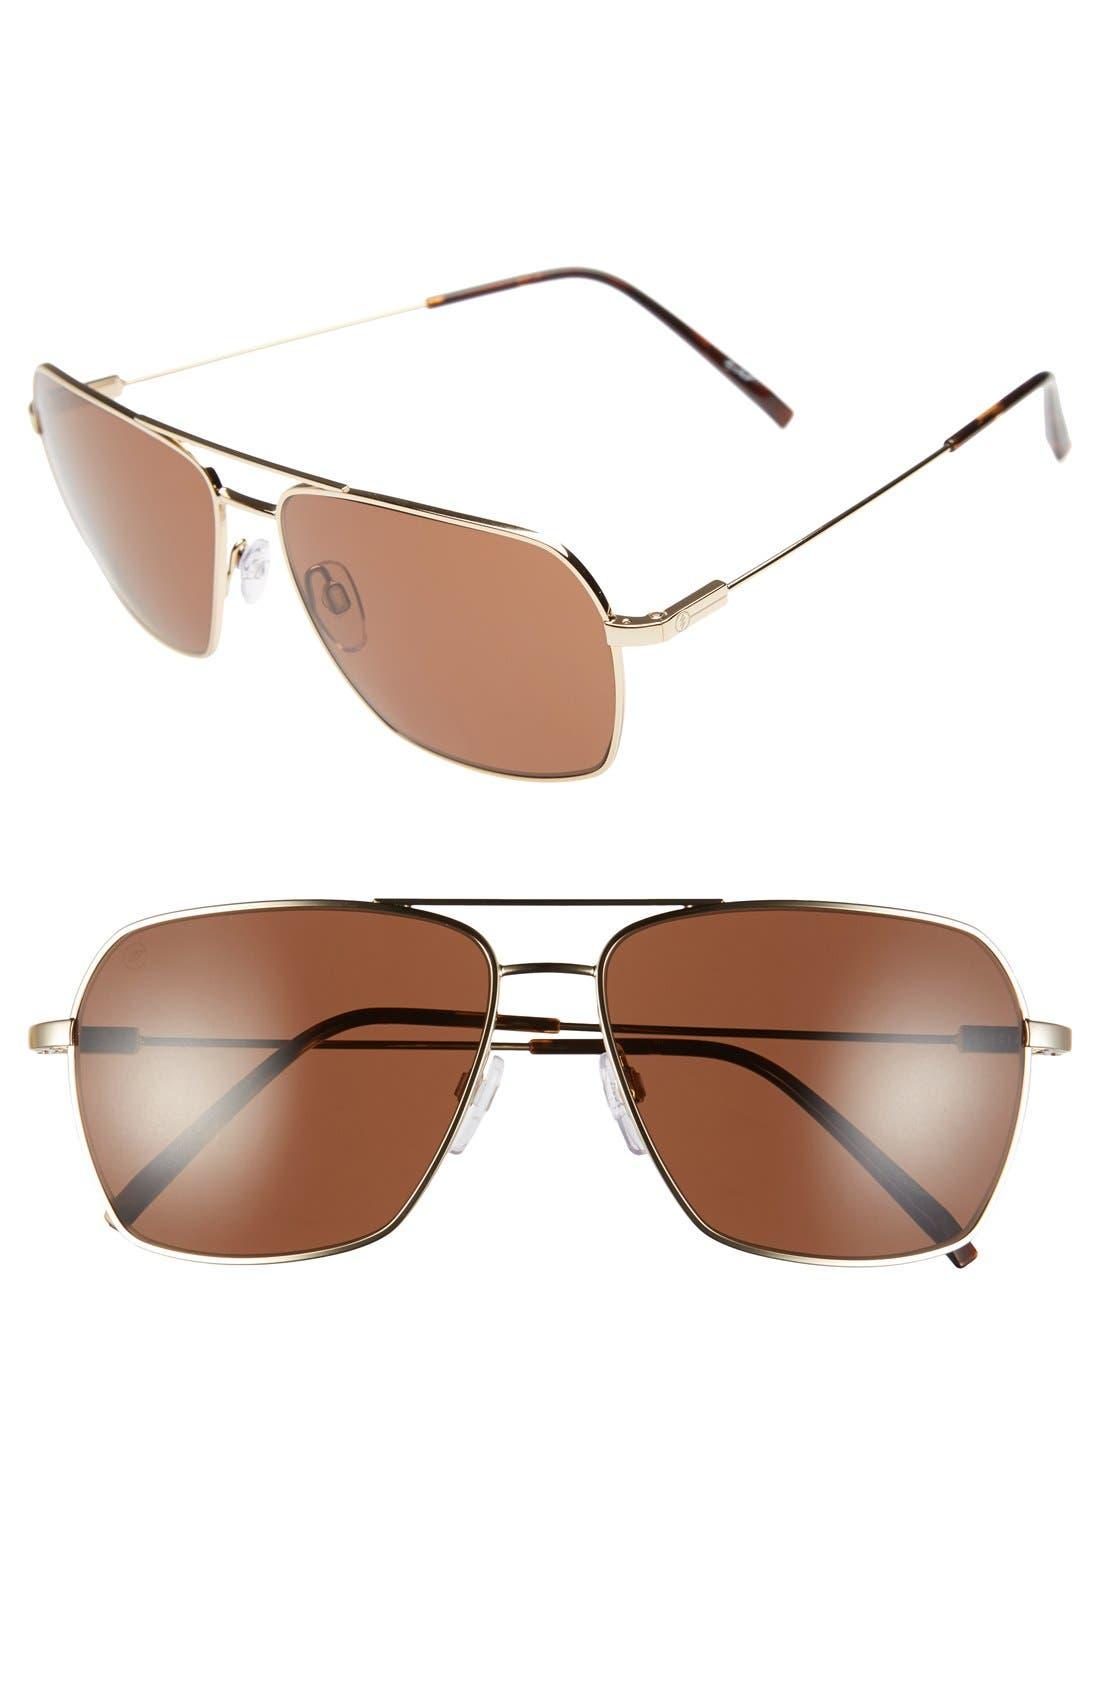 Main Image - ELECTRIC 'AV2' 59mm Sunglasses